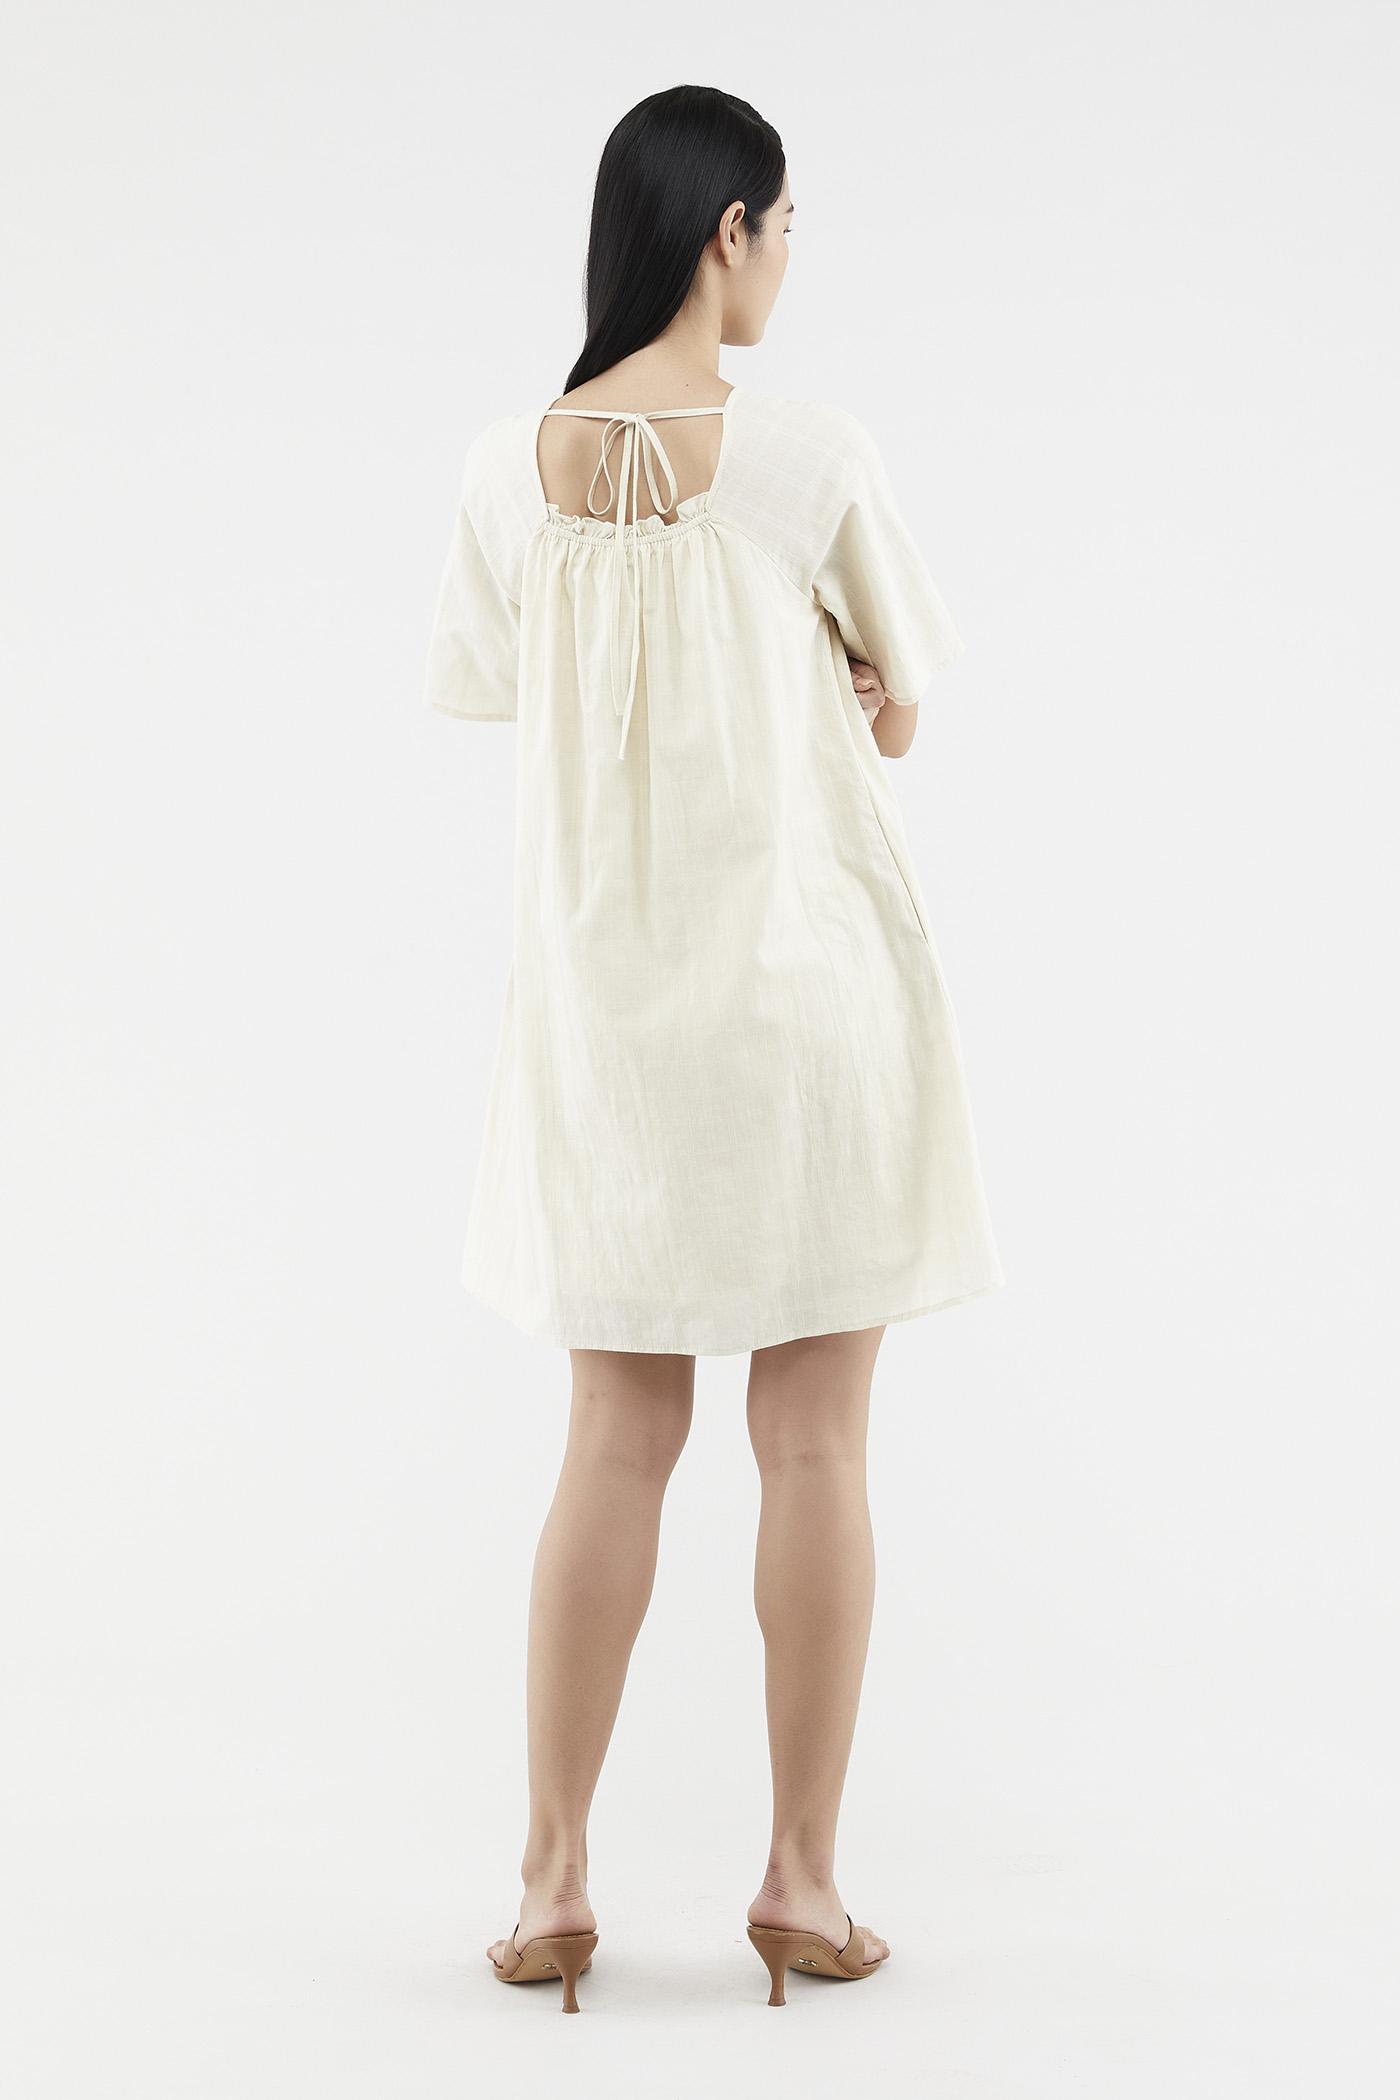 Jacinta Cotton Dress